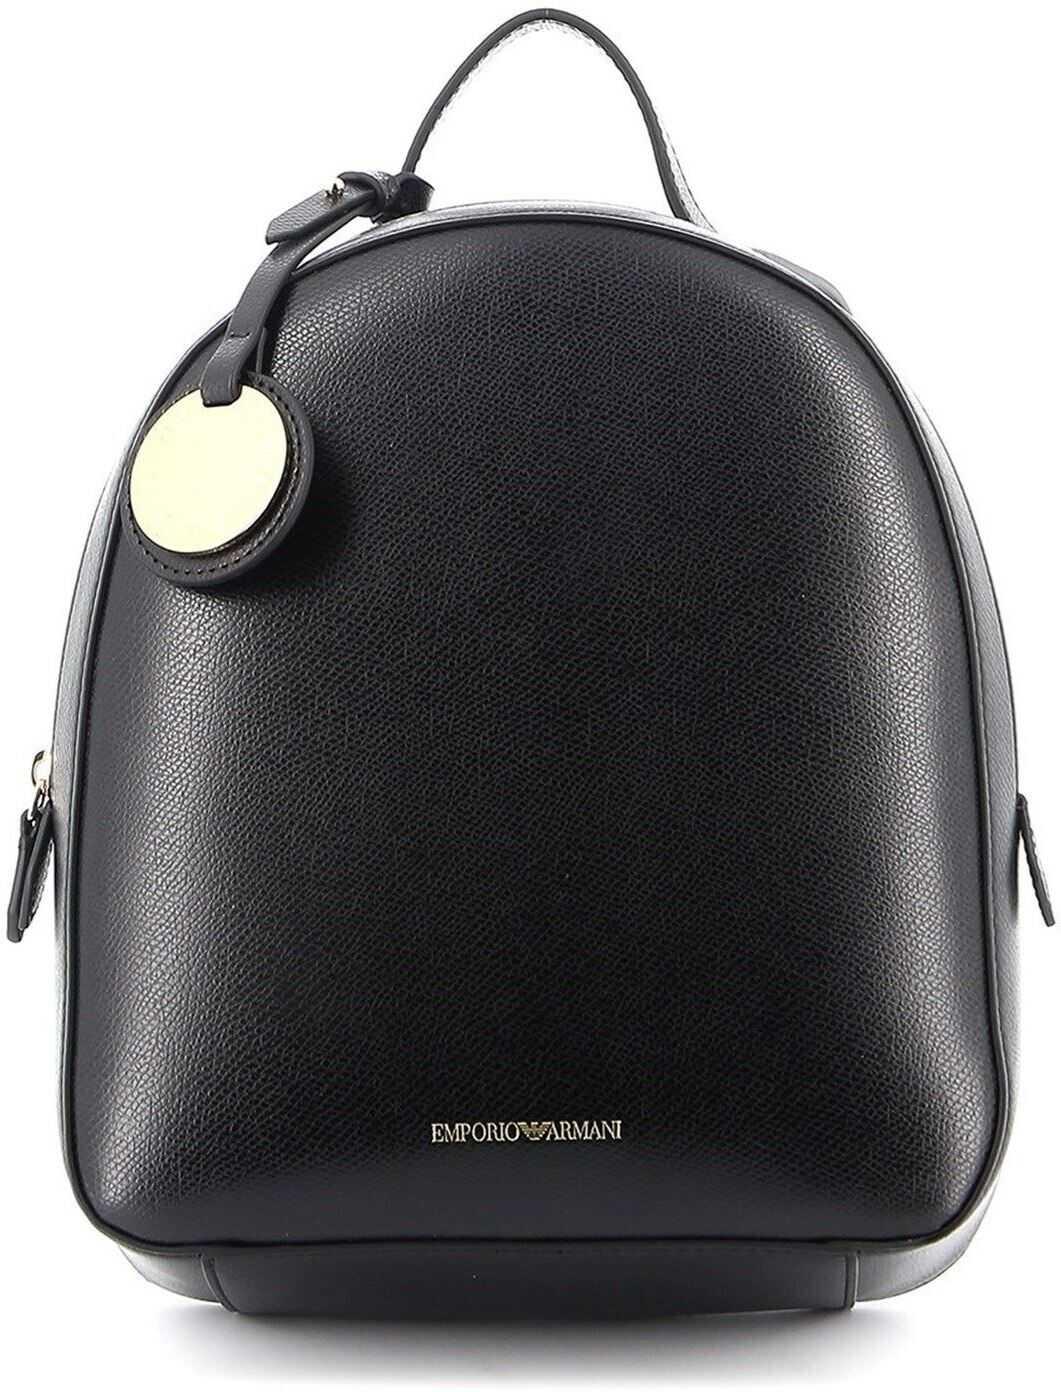 Giorgio Armani Faux Leather Small Backpack Black